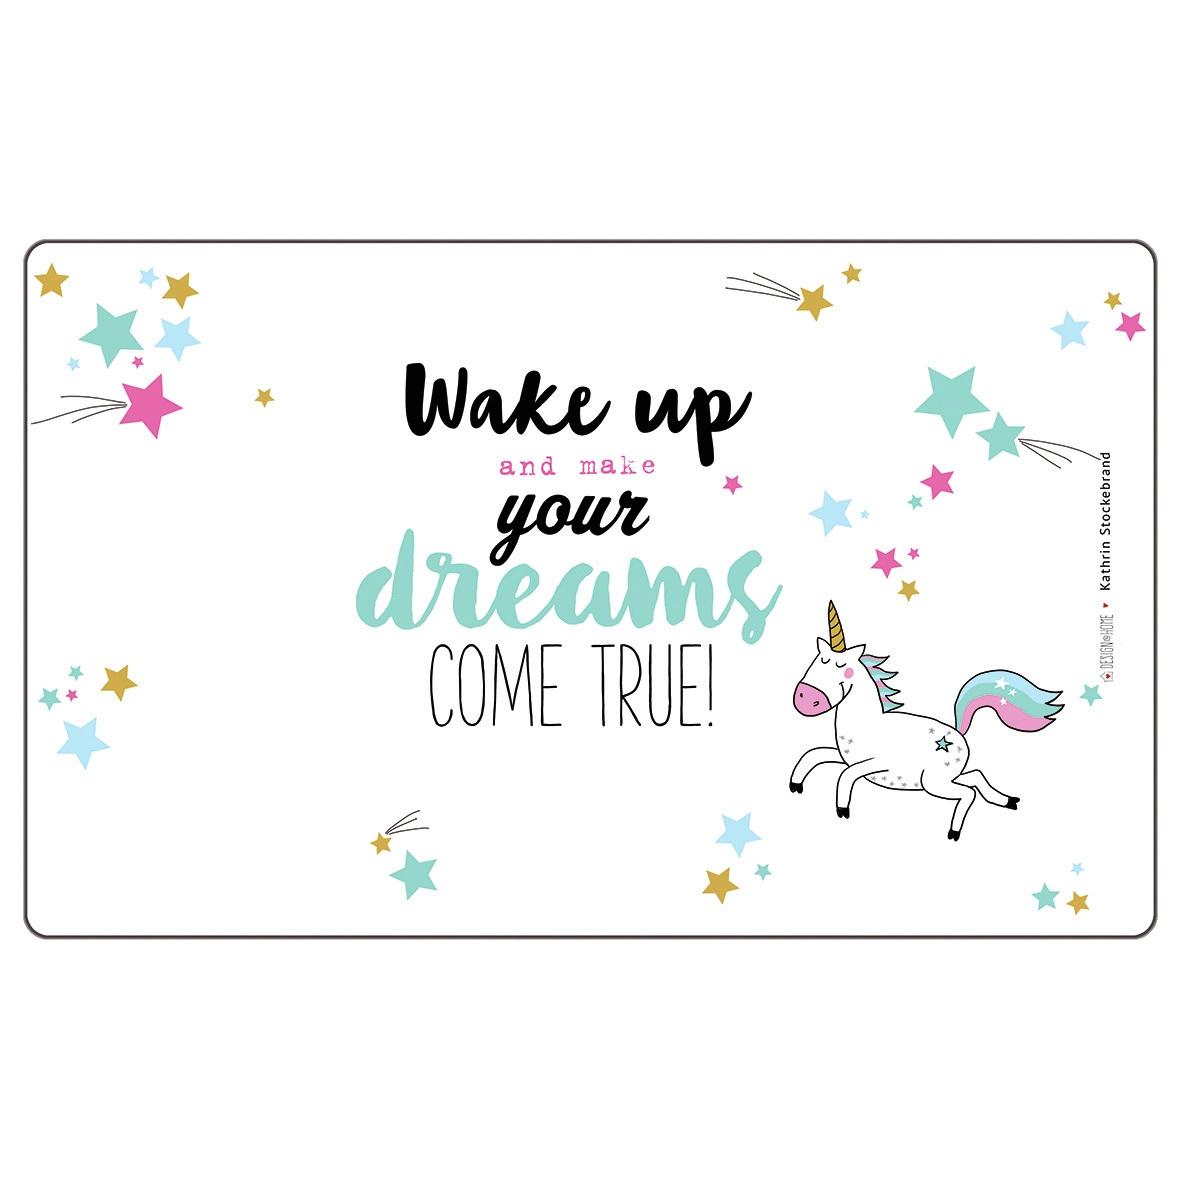 Breakfast Board - Wake Up